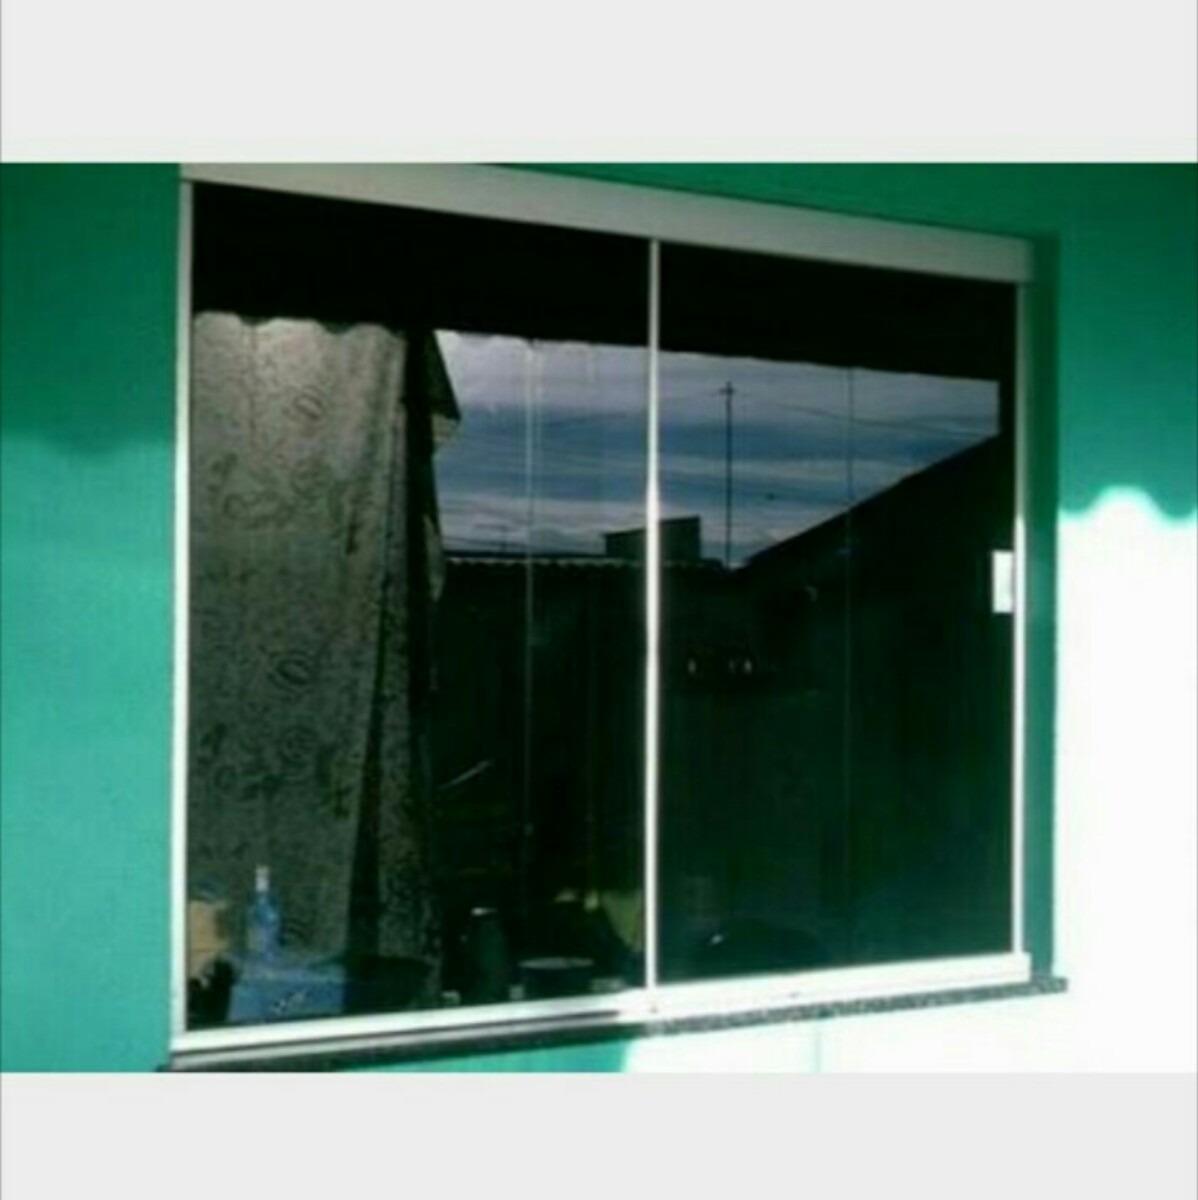 #0F5E41 Janela De Vidro Temperado R$ 280 00 no MercadoLivre 286 Janelas De Vidro Sanfonadas